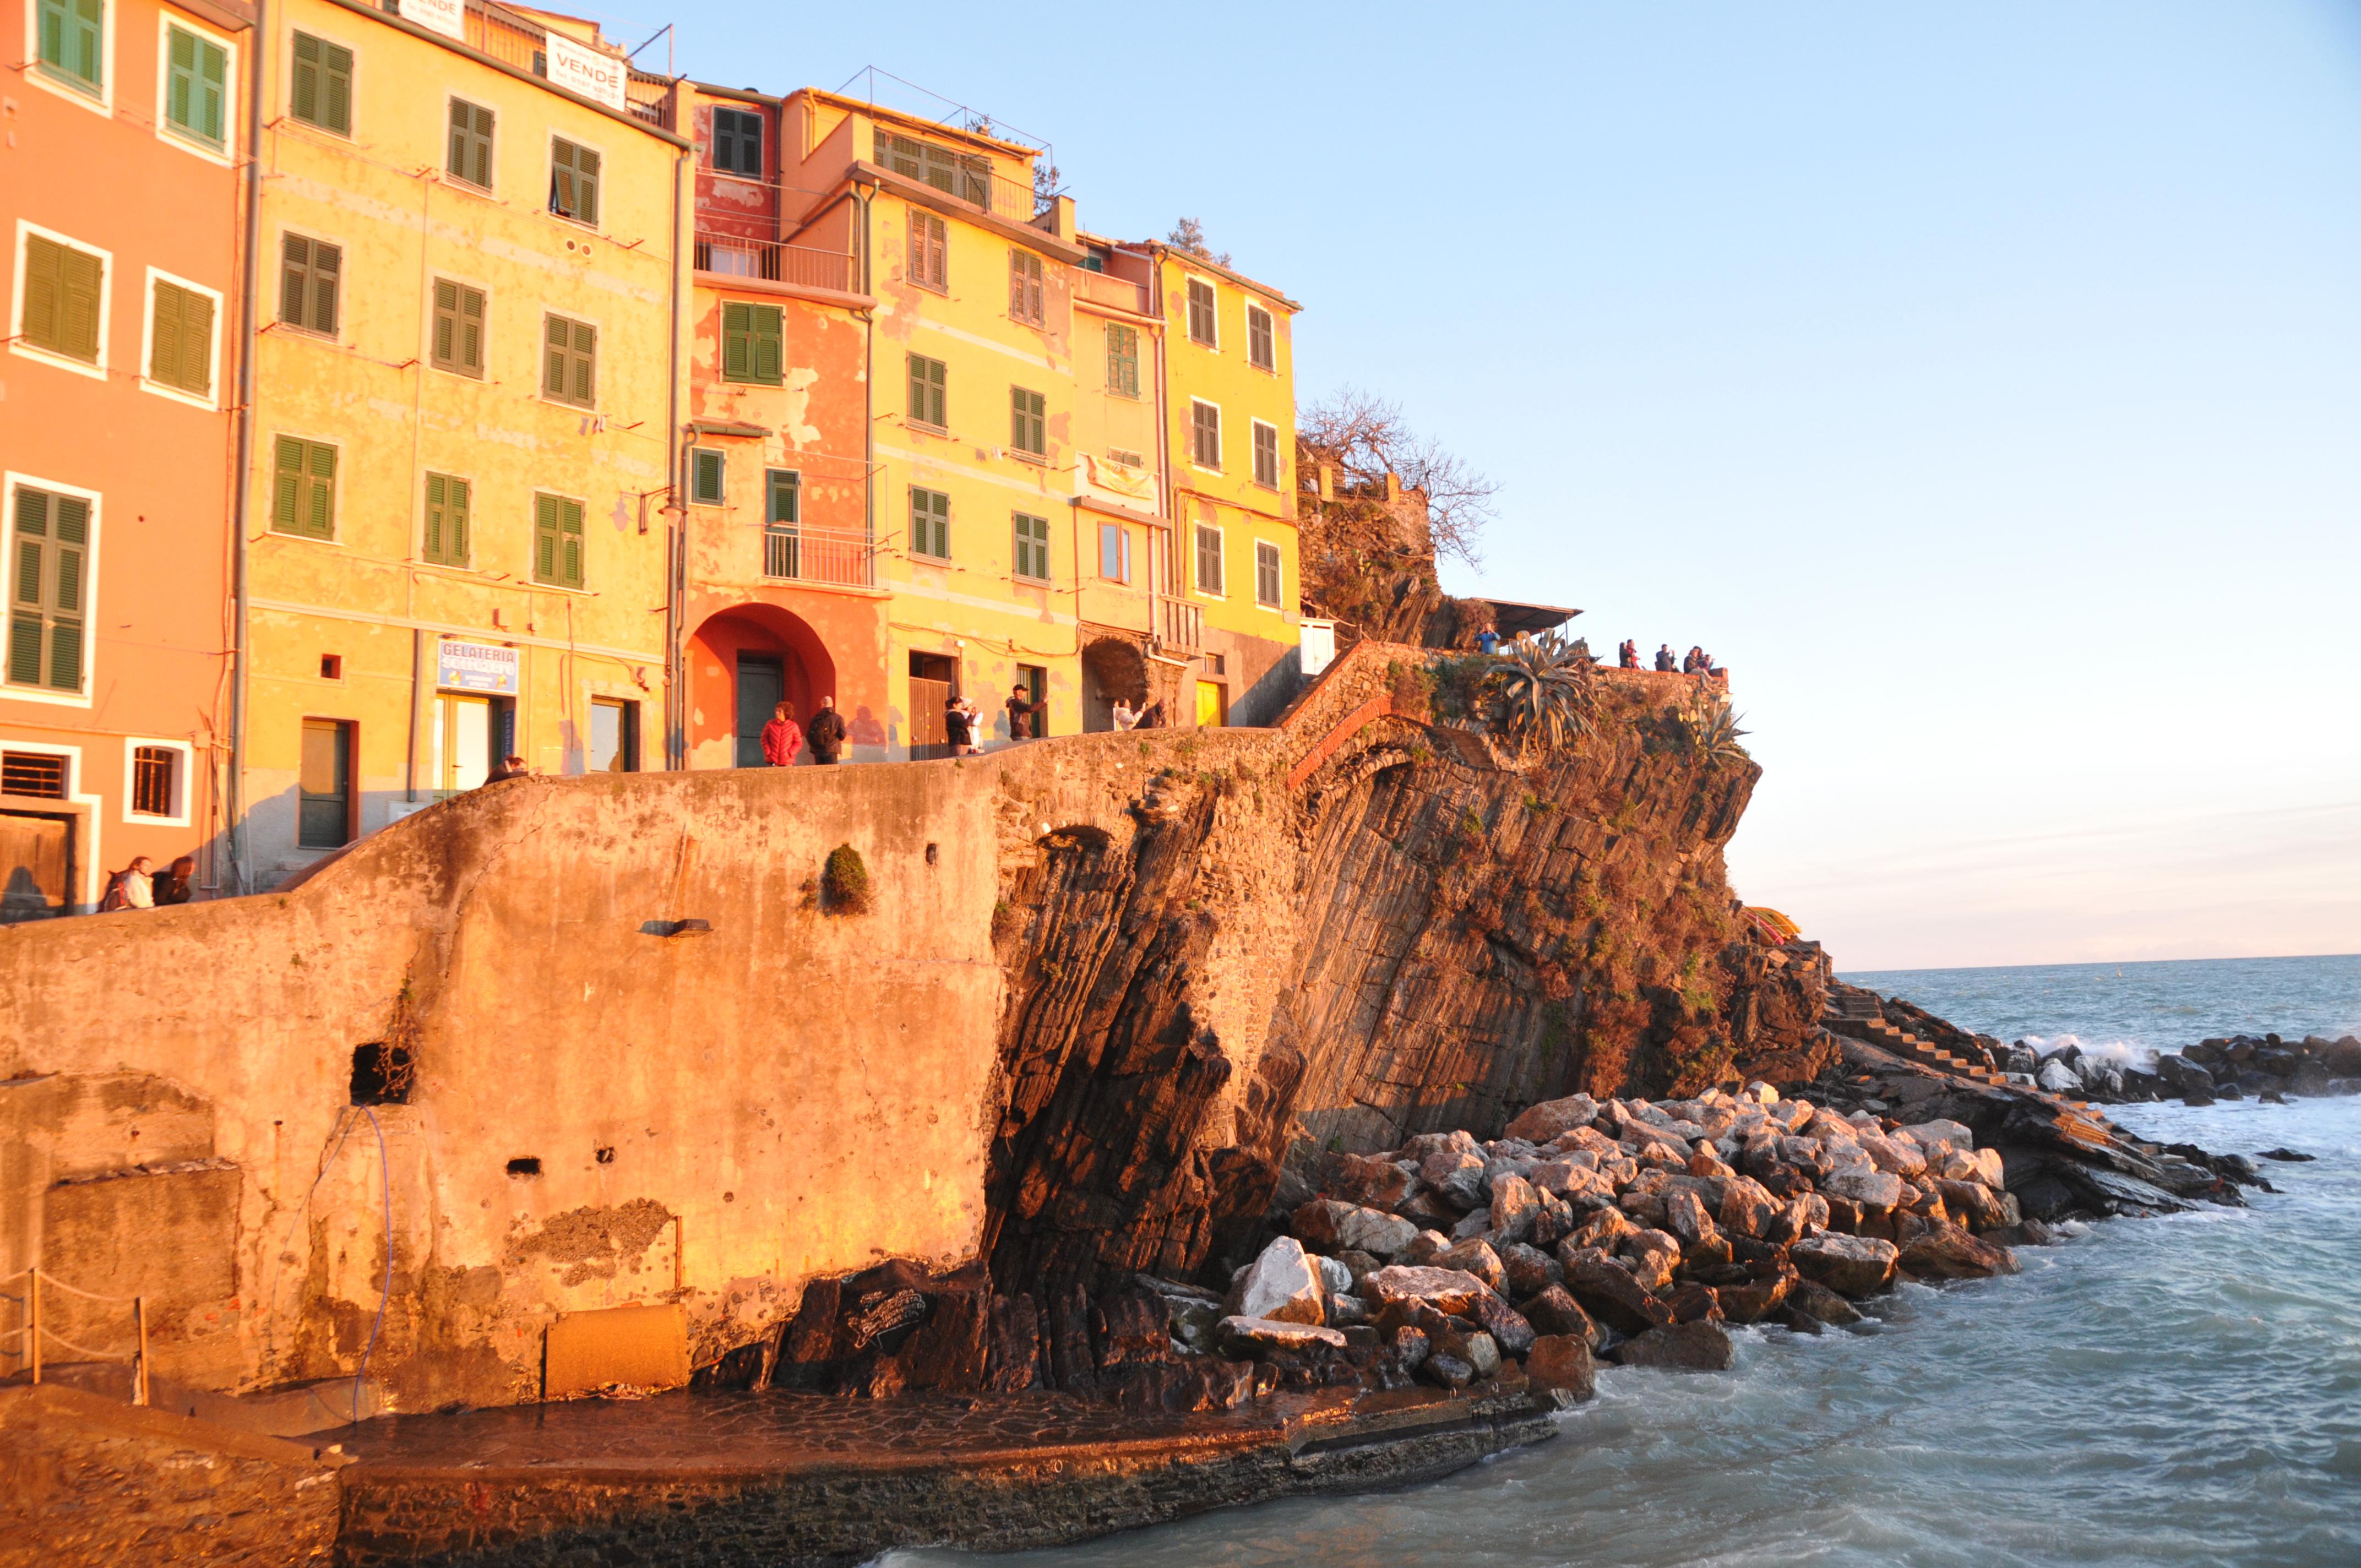 Cinque Terre - Riomaggiore (12)